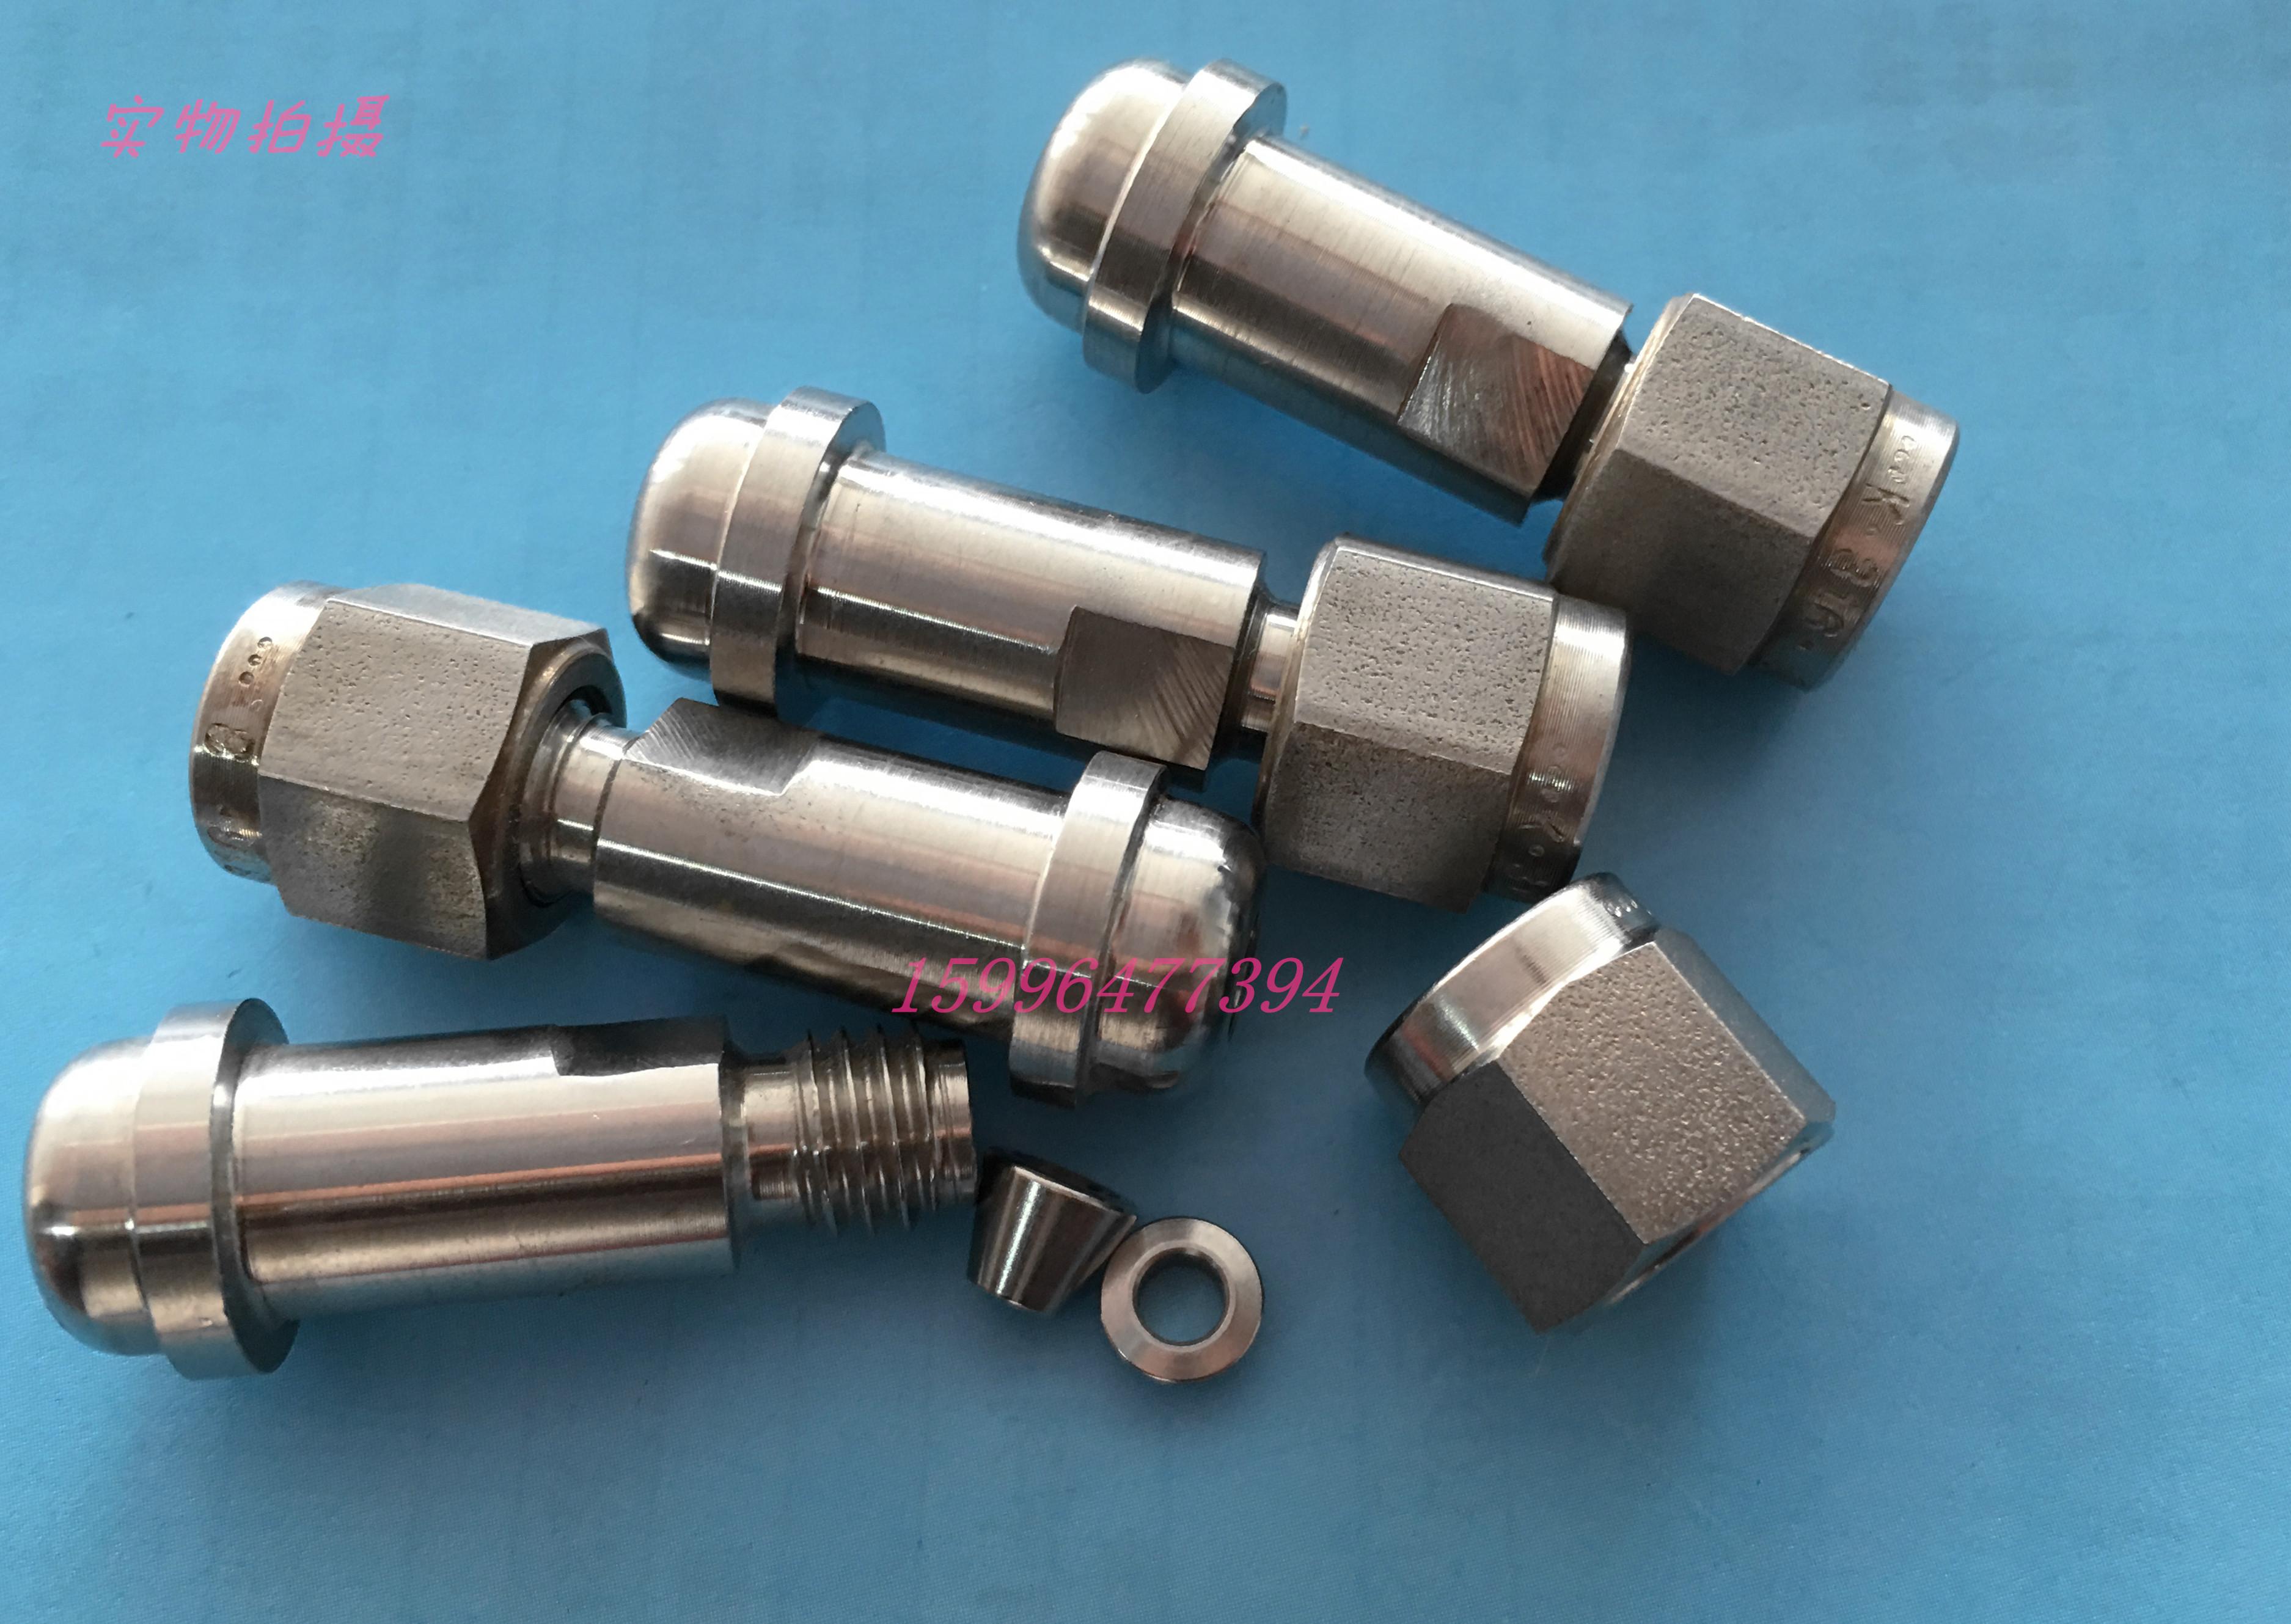 316不锈钢减压阀接头 减压阀出口转接头接3mm 1/8气路管 色谱配件